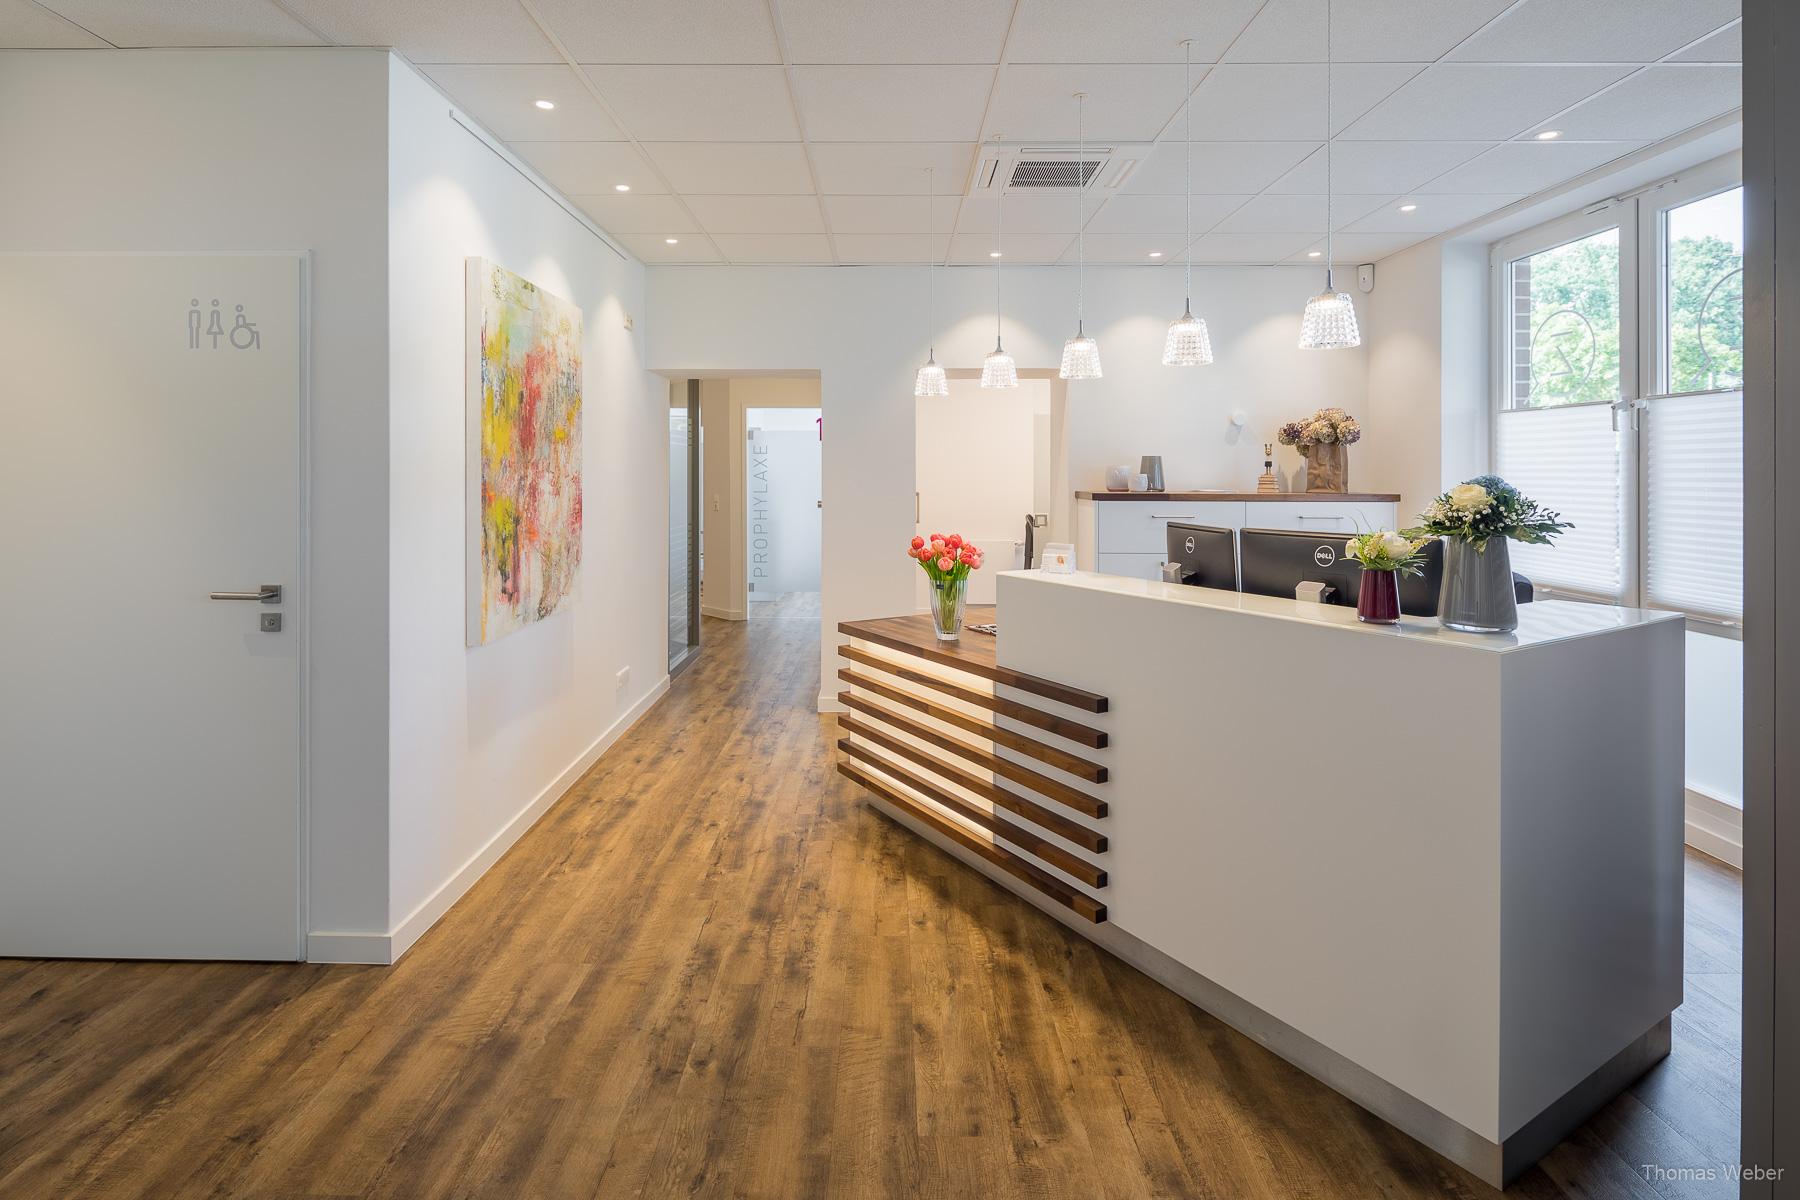 Praxisfotos für die Zahnarztpraxis Weinrich in Metjendorf, Fotograf Thomas Weber aus Oldenburg